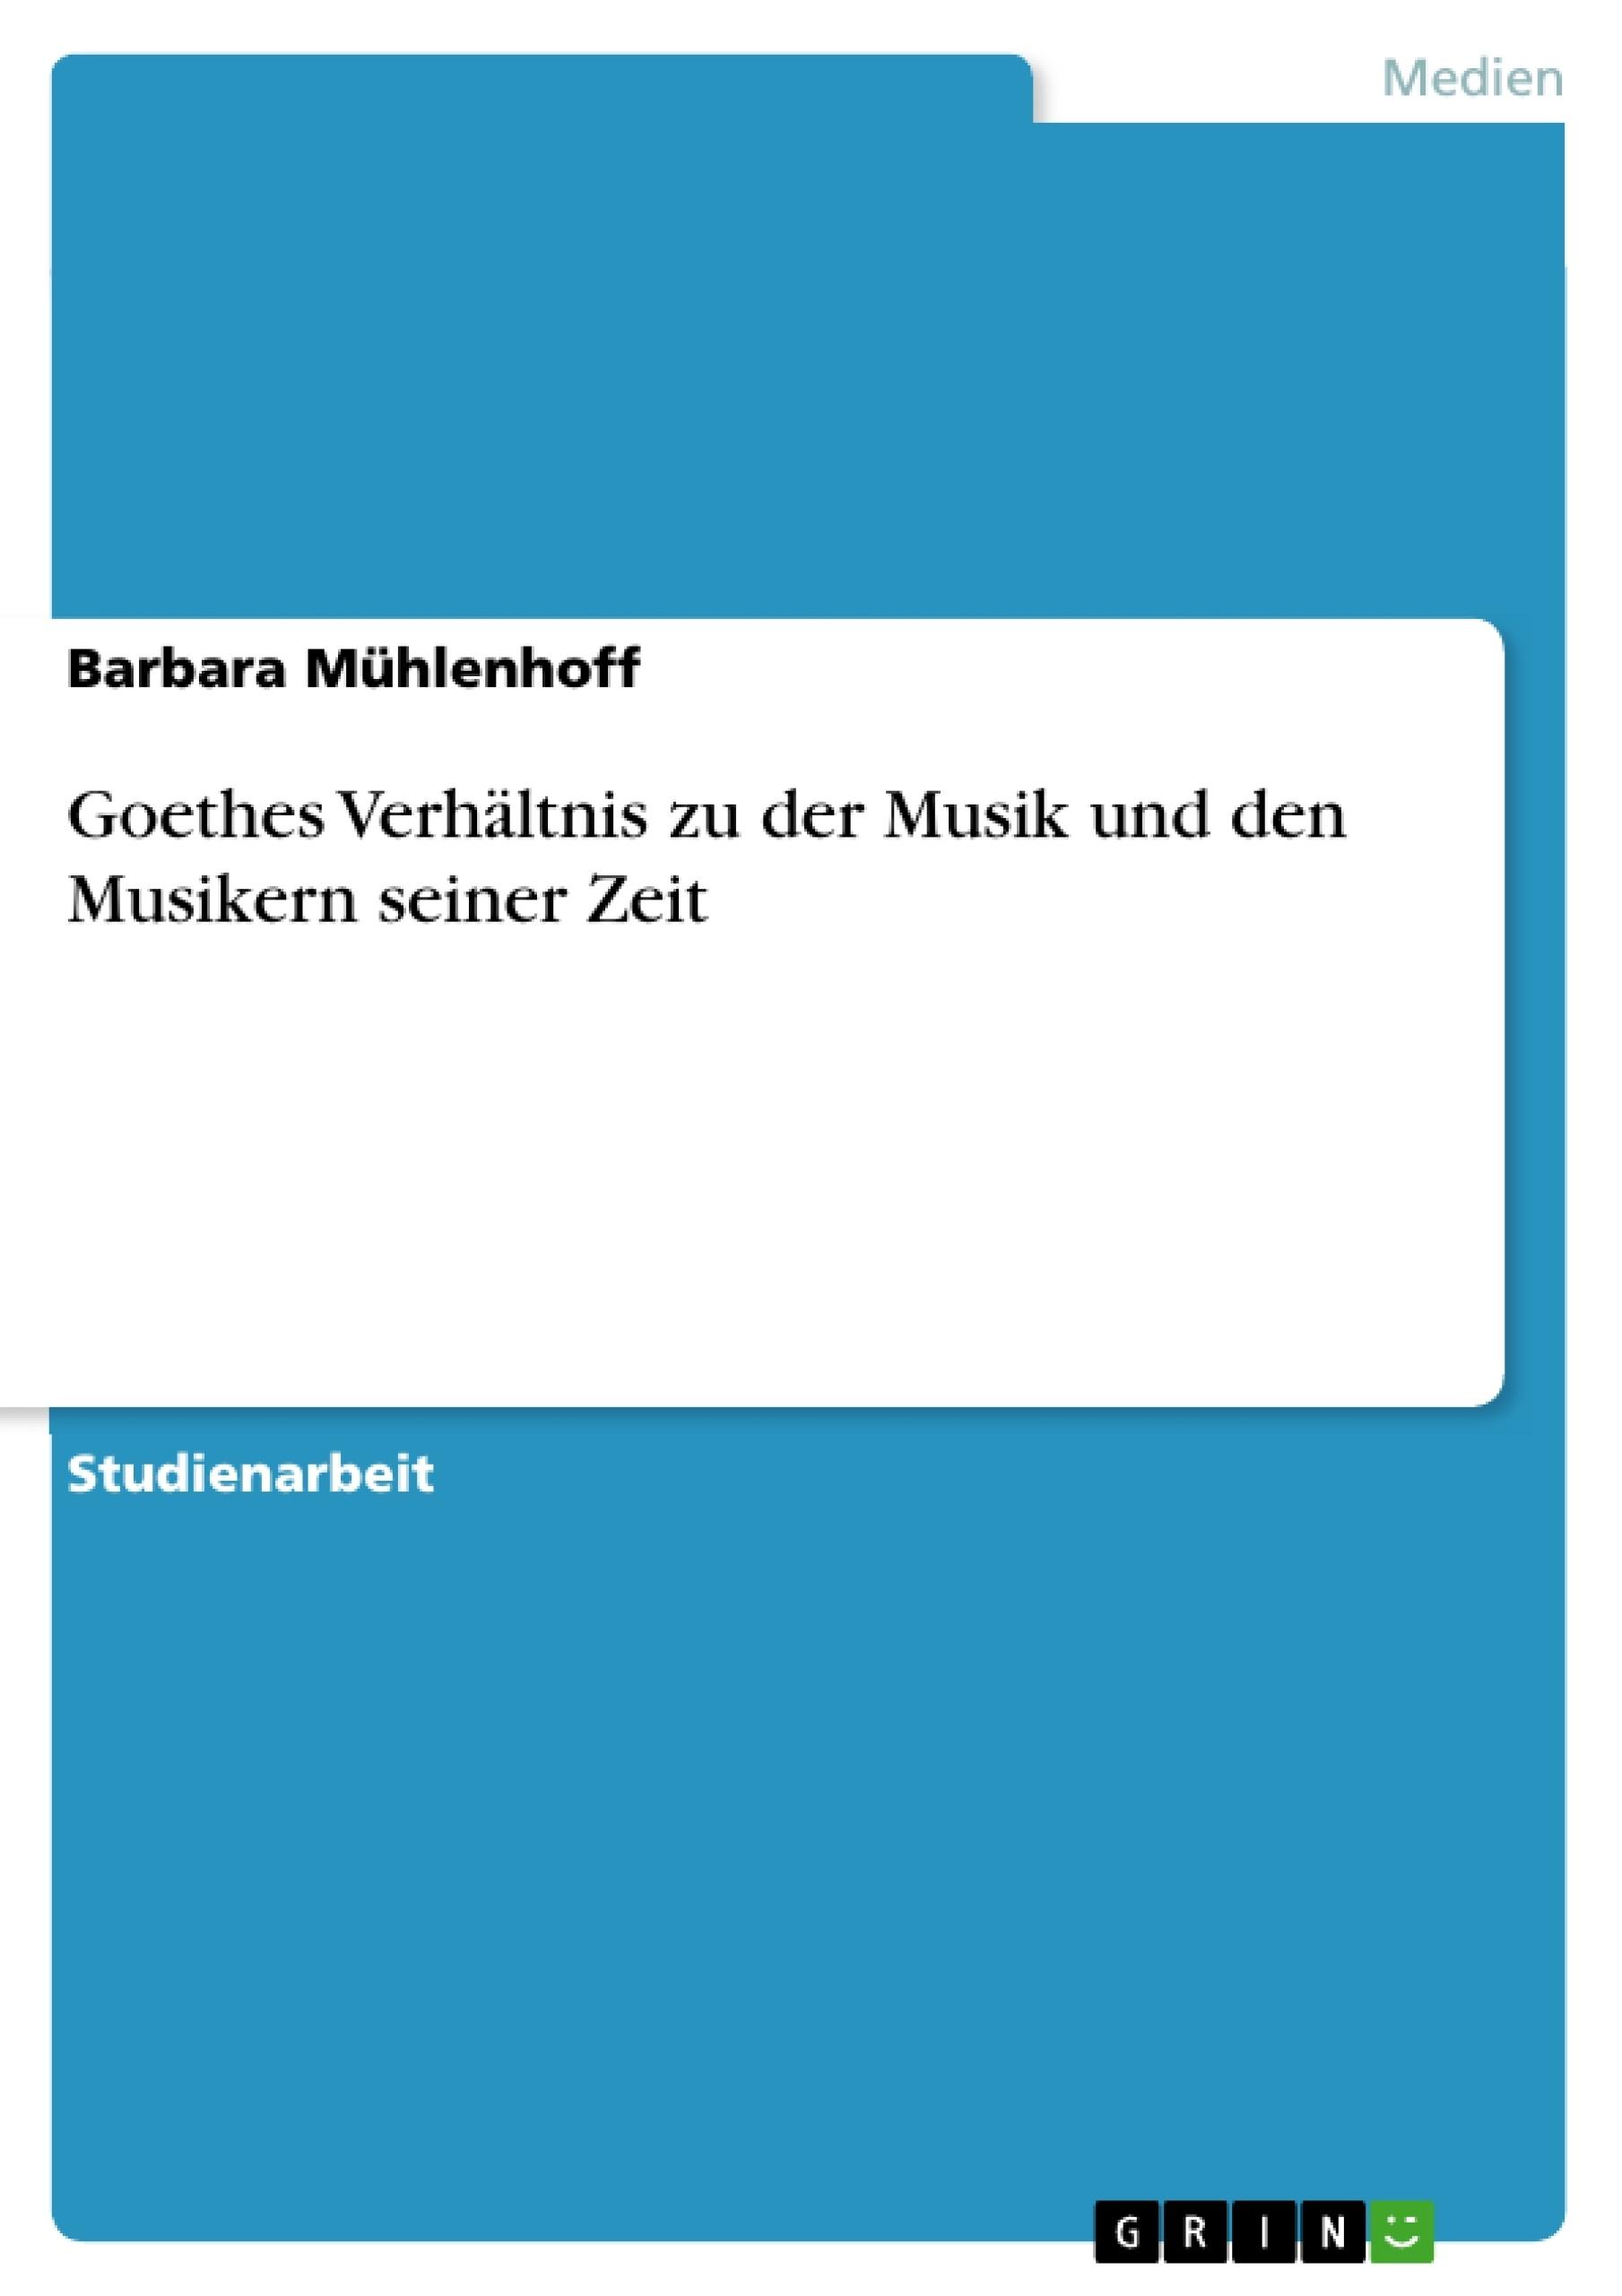 Titel: Goethes Verhältnis zu der Musik und den Musikern seiner Zeit